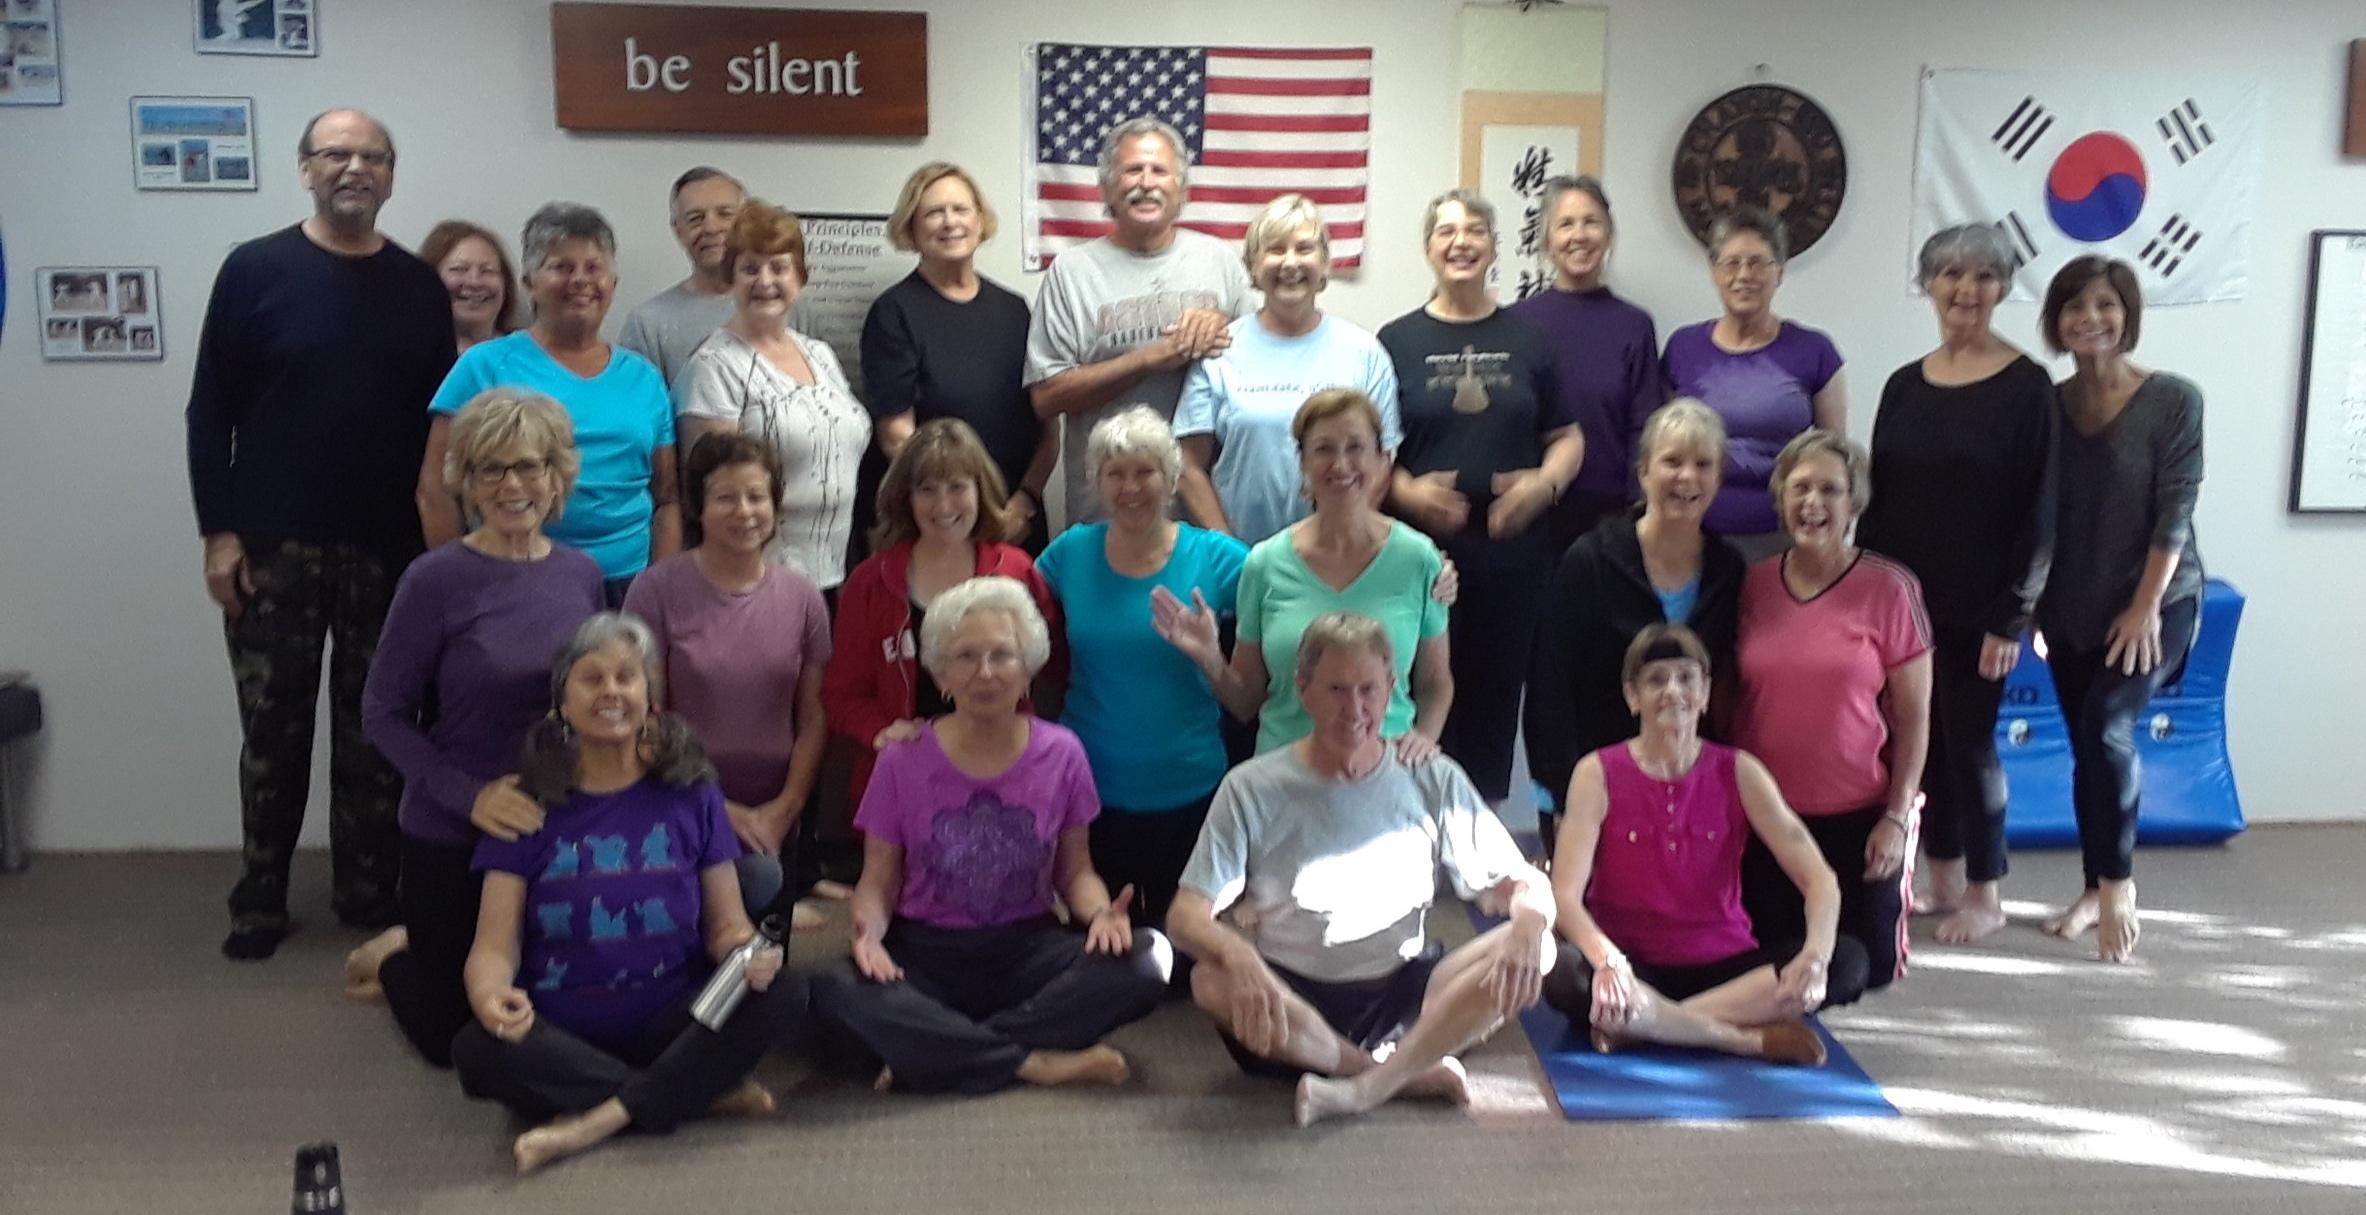 Wimberley+Yoga+The+Yoga+You+Need